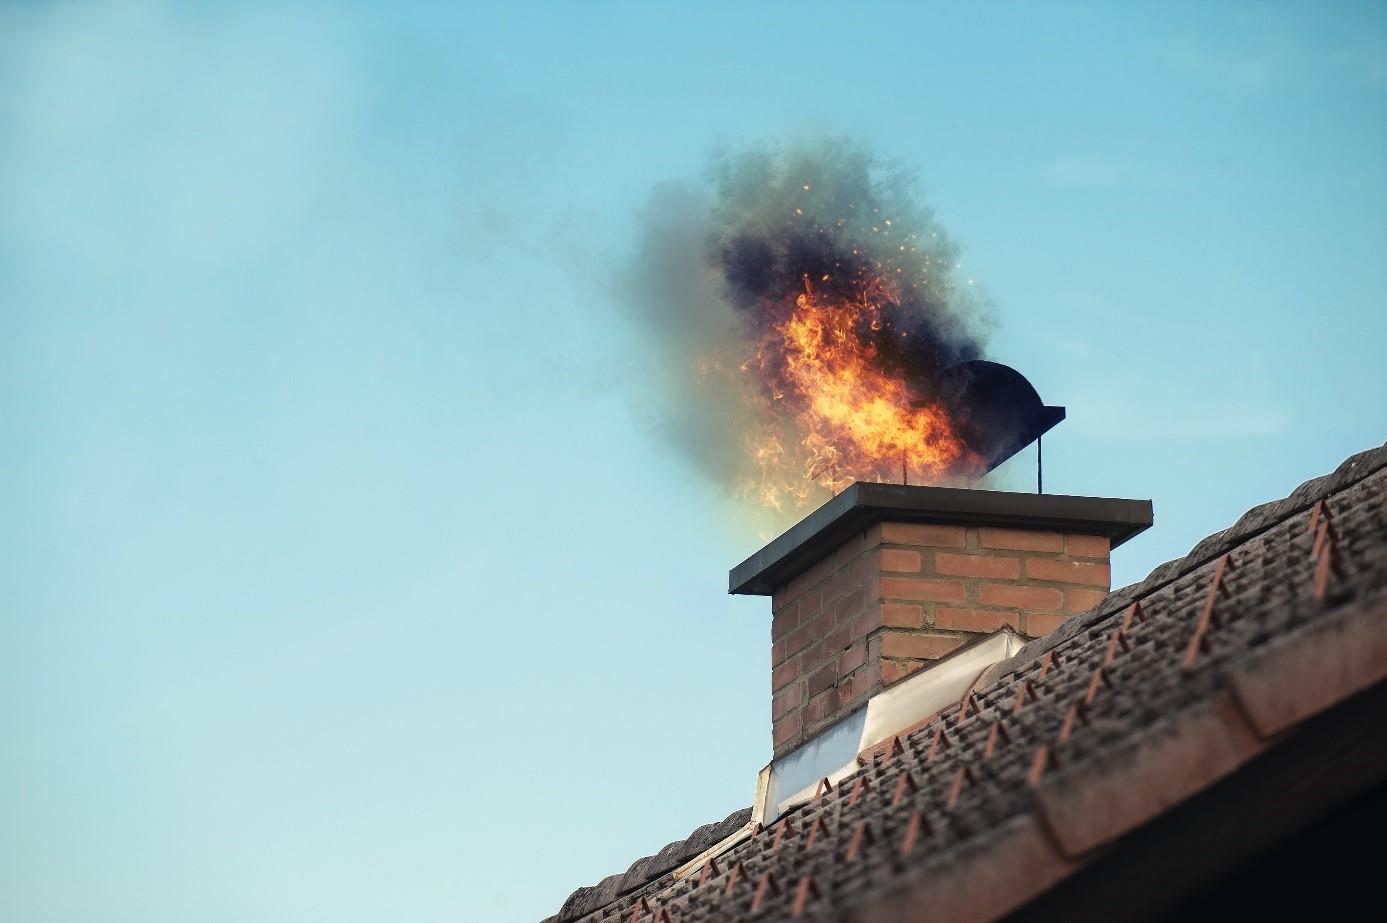 Wat heb je aan je inboedelverzekering bij een schoorsteenbrand #schoorsteenbrand #verzekering #inboedelverzekering